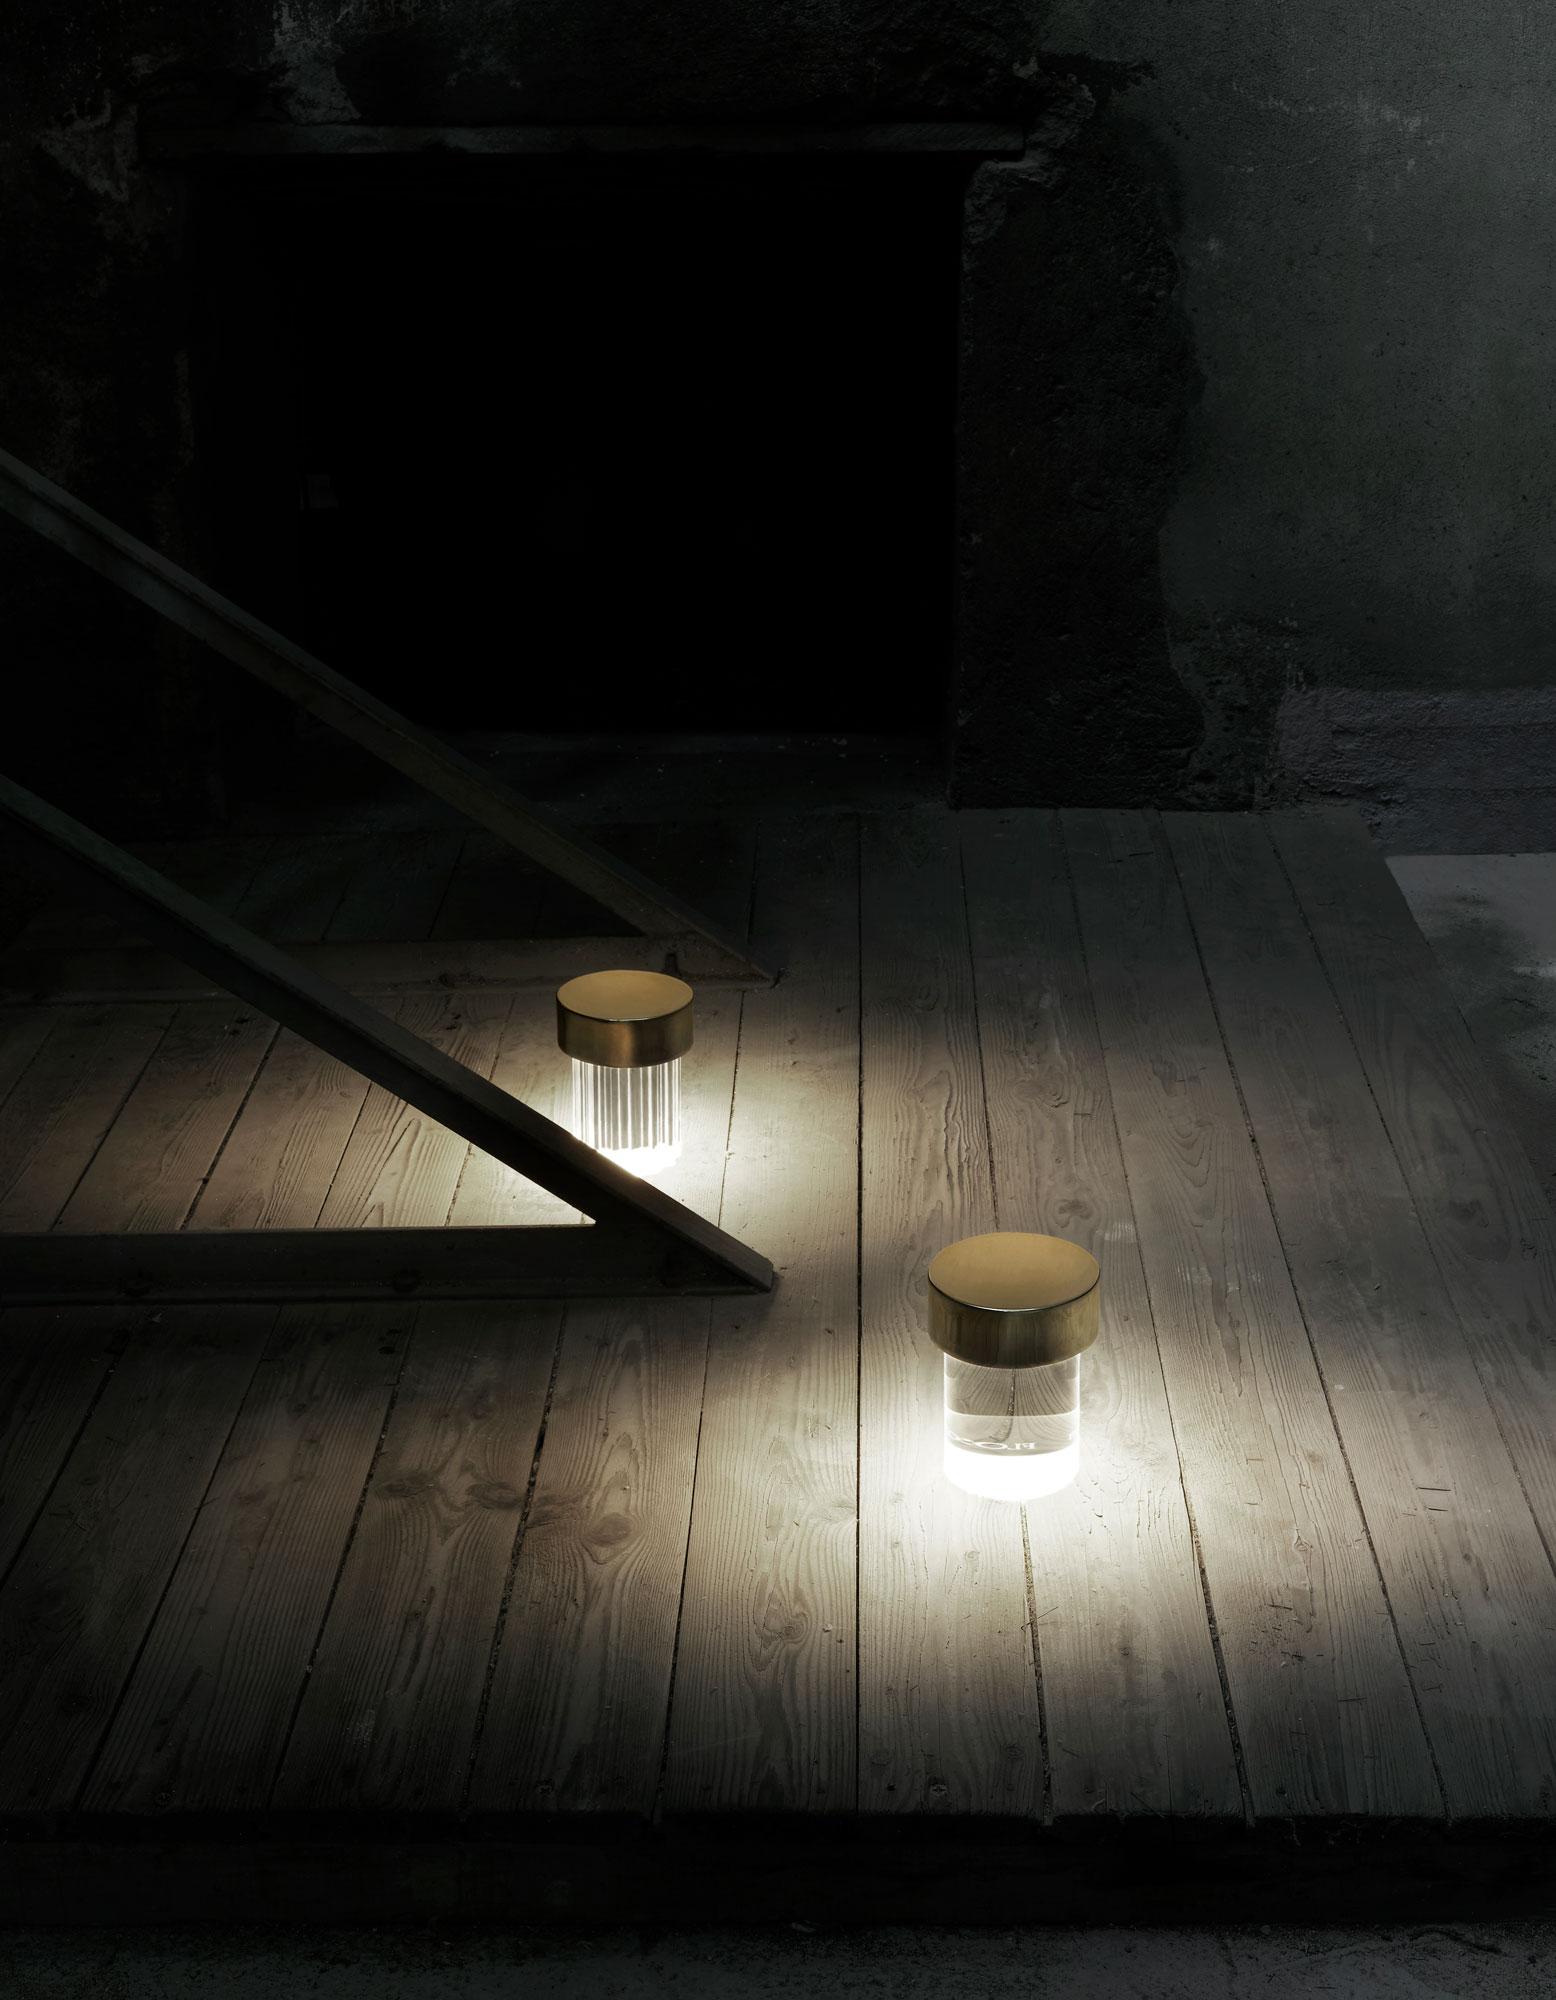 Mobile Tischleuchte von Michael Anastassiades und Flos